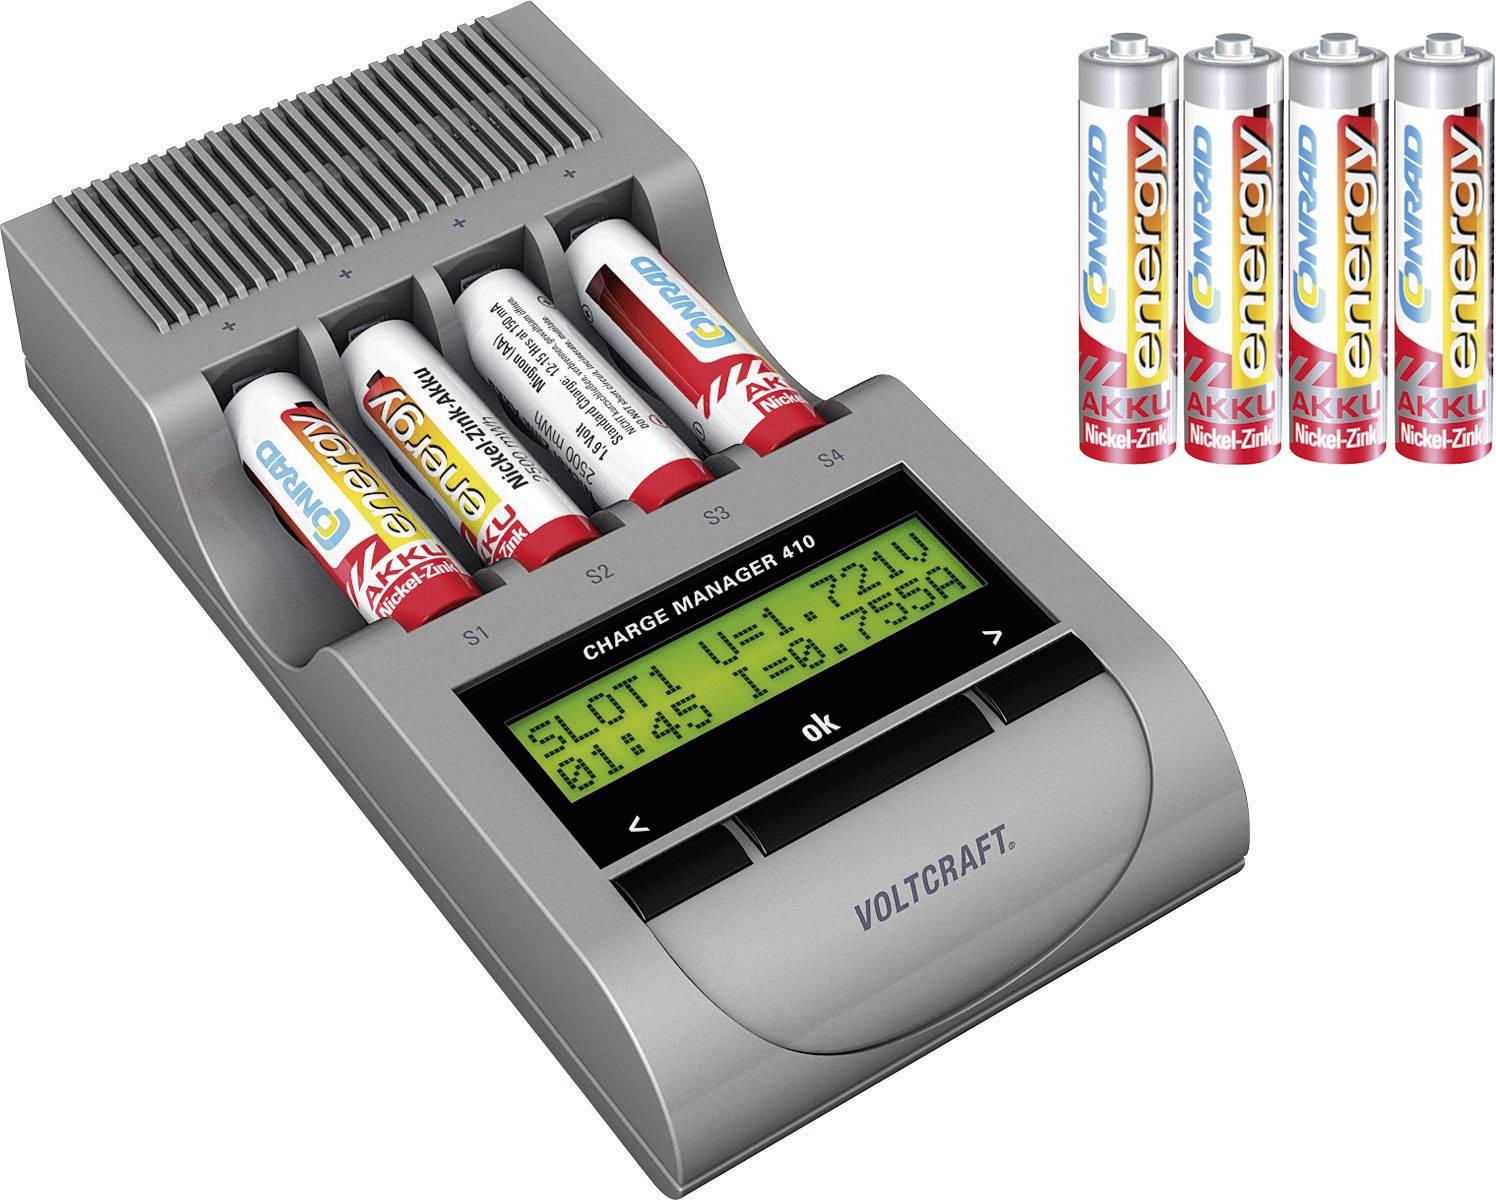 Inteligentní nabíječka Charge Manager 410+ 4x AA a 4x AAA NiZN akumulátory